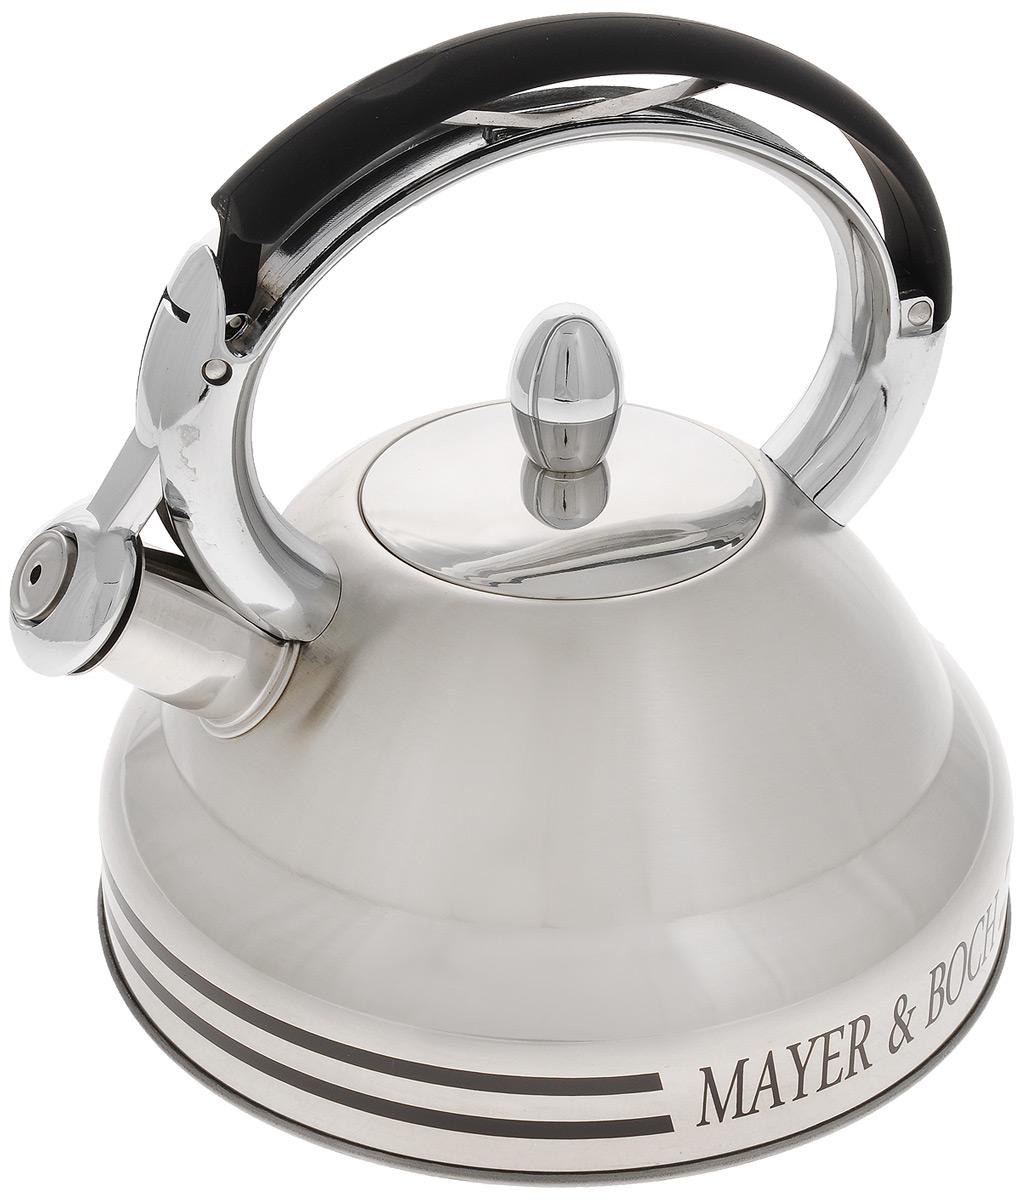 Чайник Mayer & Boch, со свистком, 2,7 л. 2241522415Чайник Mayer & Boch выполнен из нержавеющей стали высокой прочности. При кипячении сохраняет все полезные свойства воды. Весьма гигиеничен и устойчив к износу при длительном использовании. Гладкая и ровная поверхность существенно облегчает уход за посудой. Чайник оснащен свистком, который громко оповестит о закипании воды. Ручка чайника изготовлена из пластика с покрытием Soft-Touch. Такой чайник идеально впишется в интерьер любой кухни и станет замечательным подарком к любому случаю. Подходит для газовой плиты, не подходит для индукционной. Диаметр чайника (по верхнему краю): 9 см. Высота чайника (с учетом ручки): 22,5 см. Высота чайника (без учета ручки и крышки): 11 см.